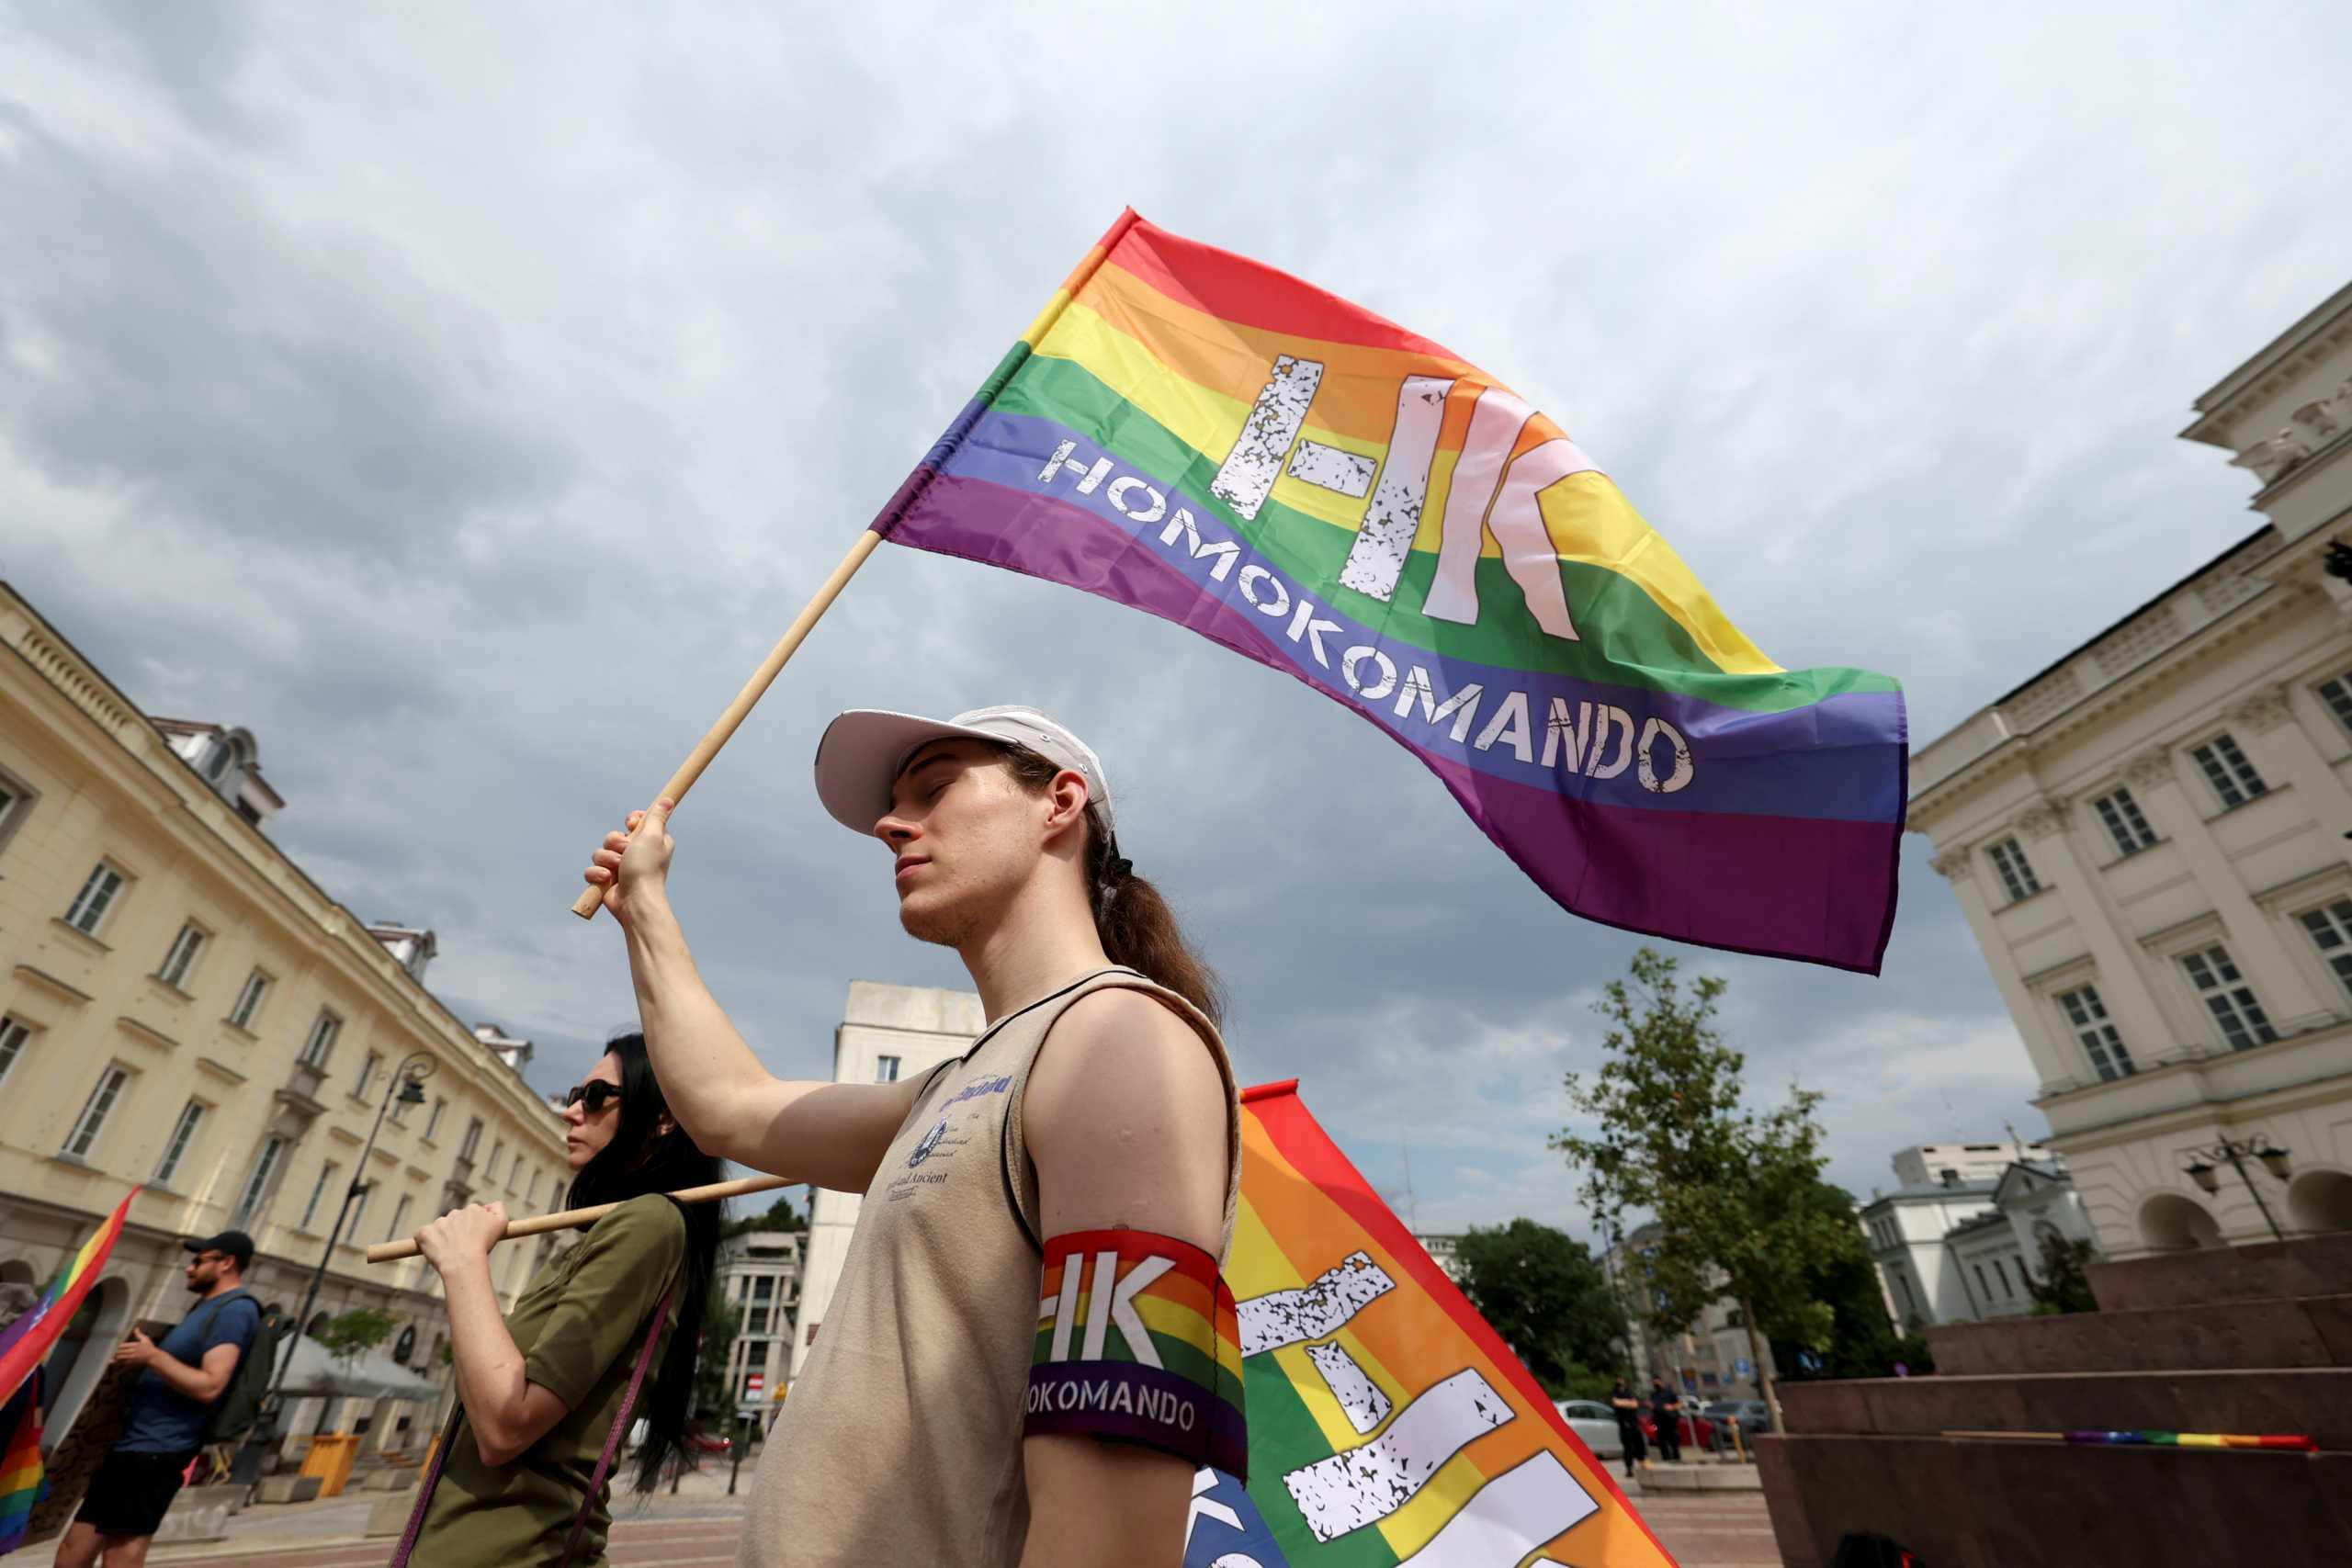 Ουγγαρία: Έως τις αρχές του 2022 το δημοψήφισμα του Όρμπαν για το νομοσχέδιο κατά των ΛΟΑΤΚΙ